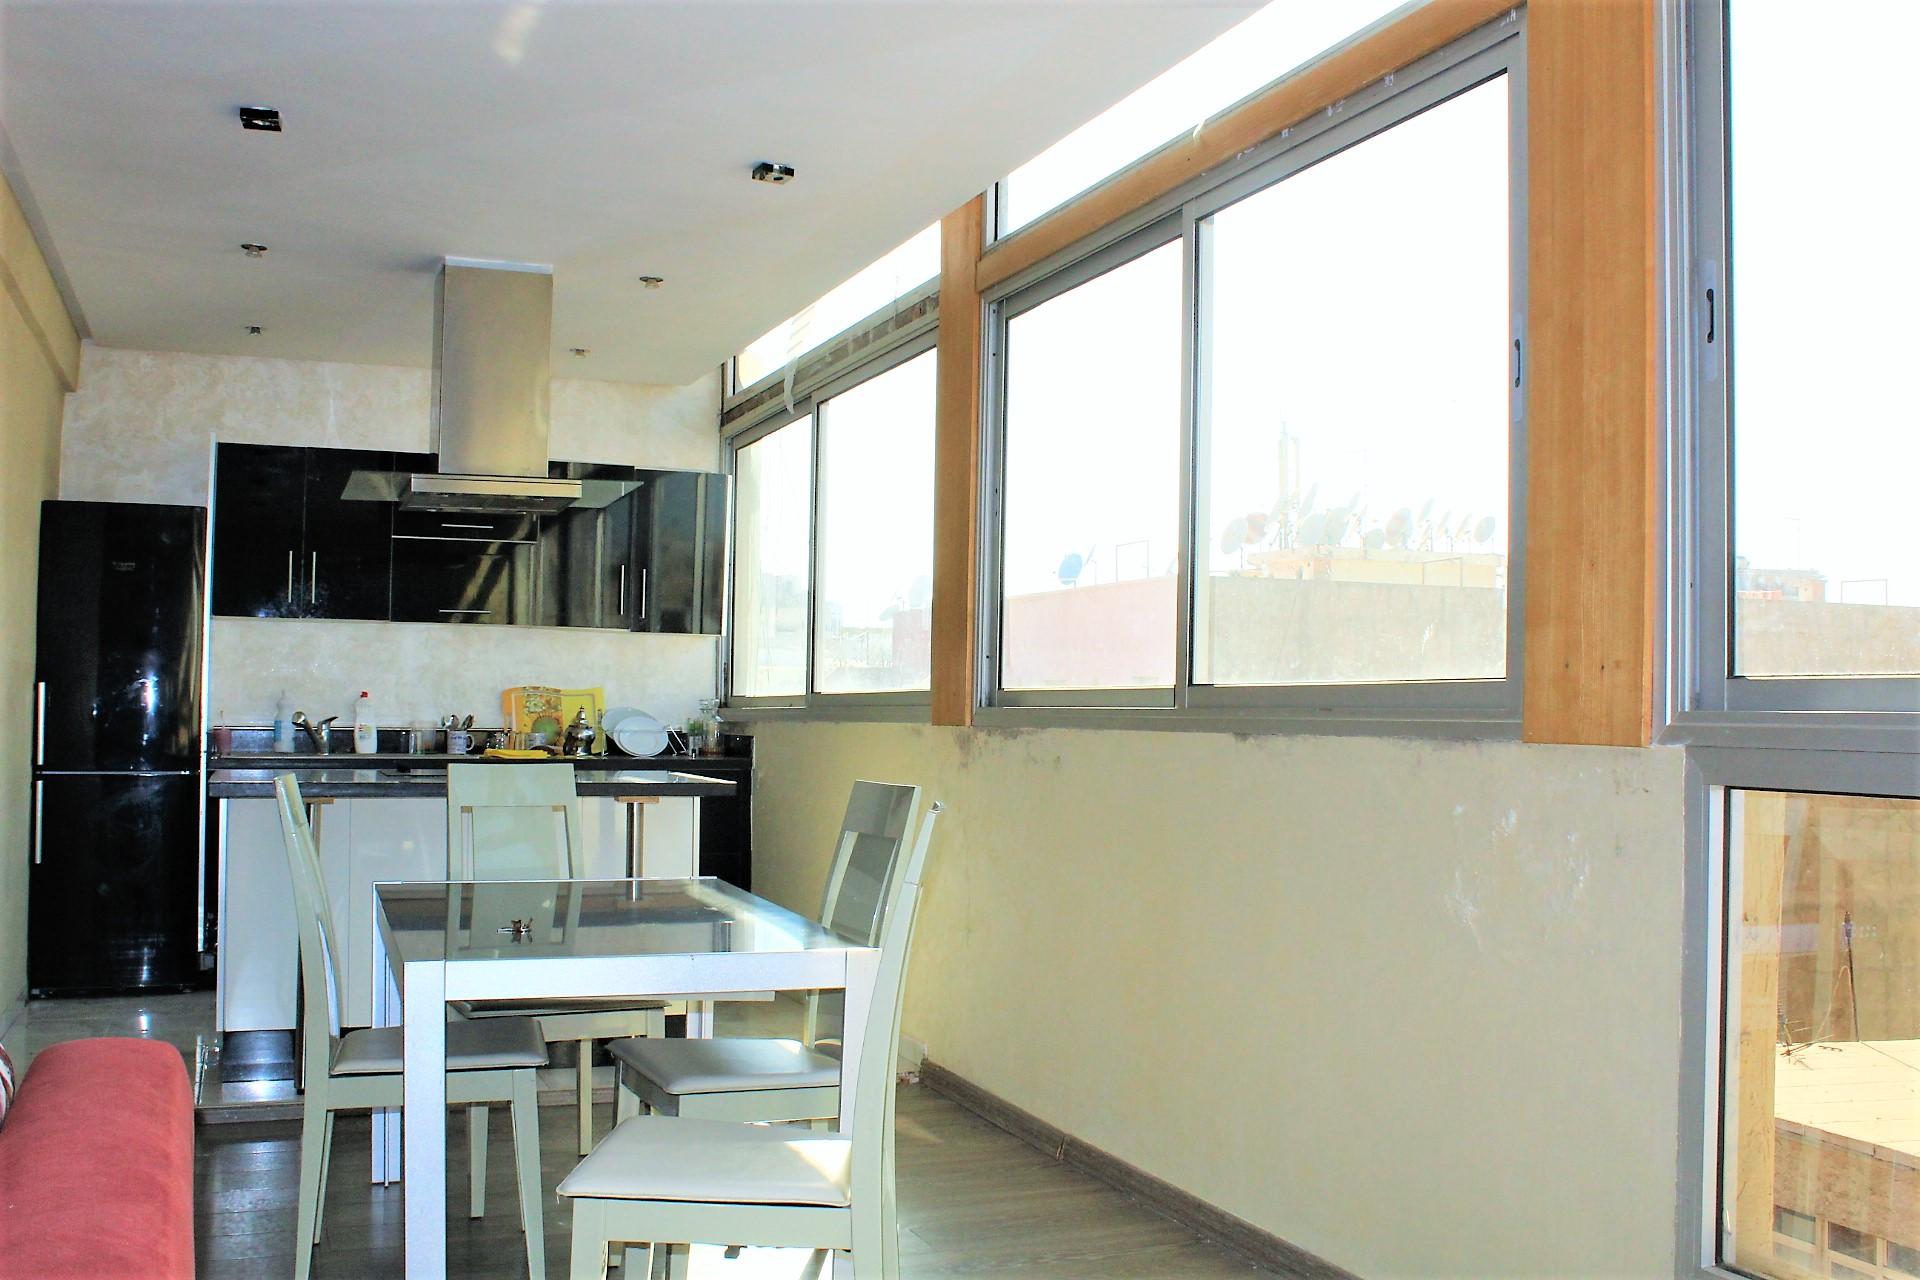 Maroc, Casablanca centre-ville, vend splendide appartement 92 M2 très ensoleillé,dernier étage